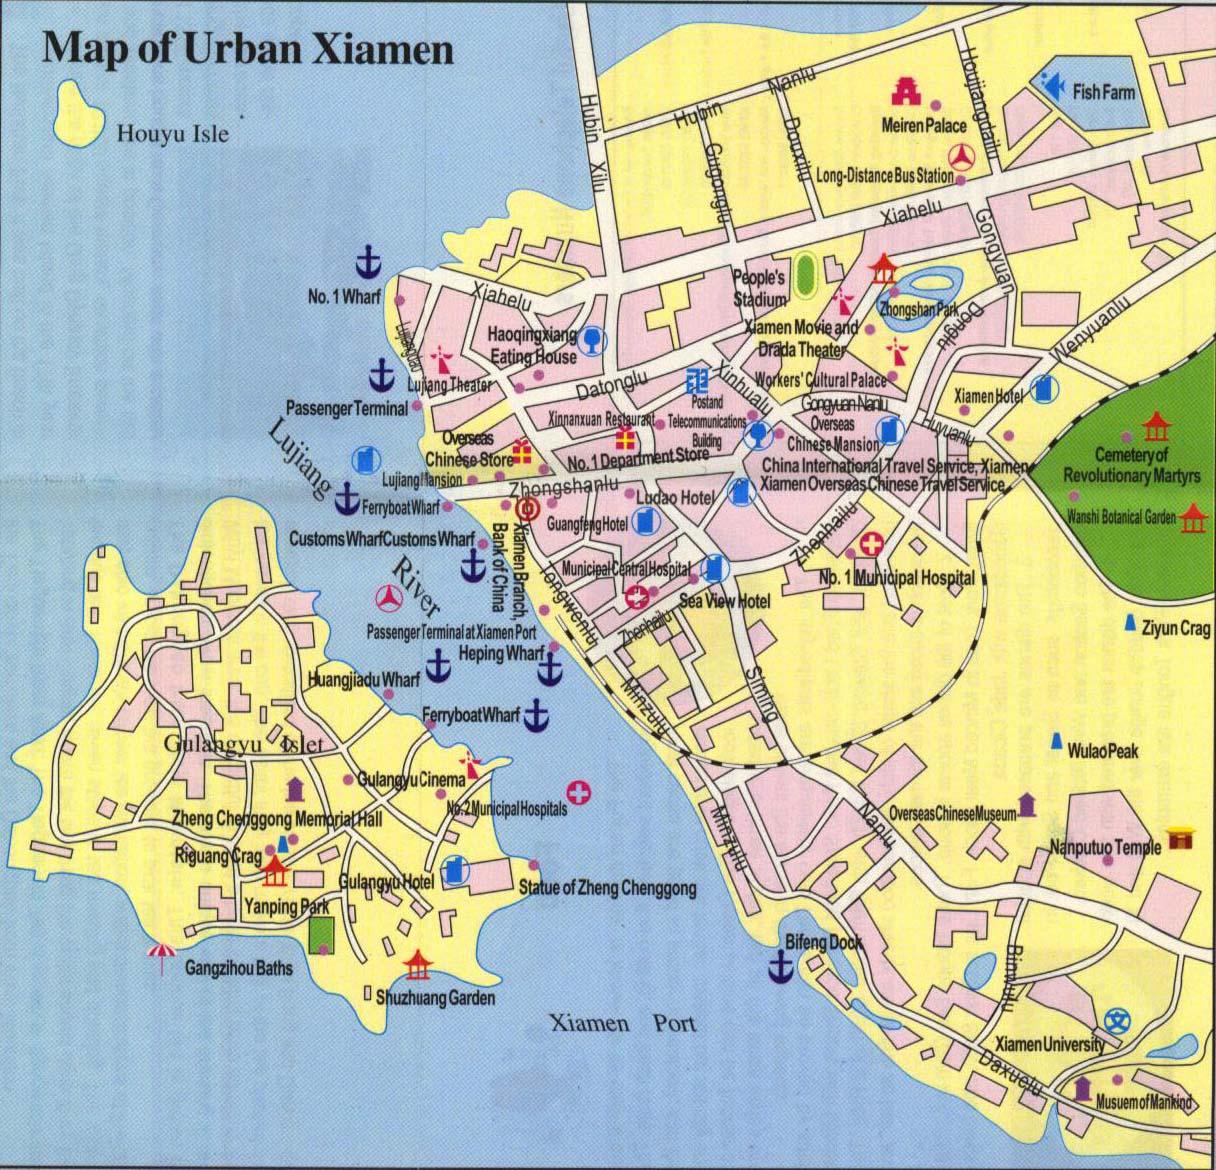 xiamen attractions